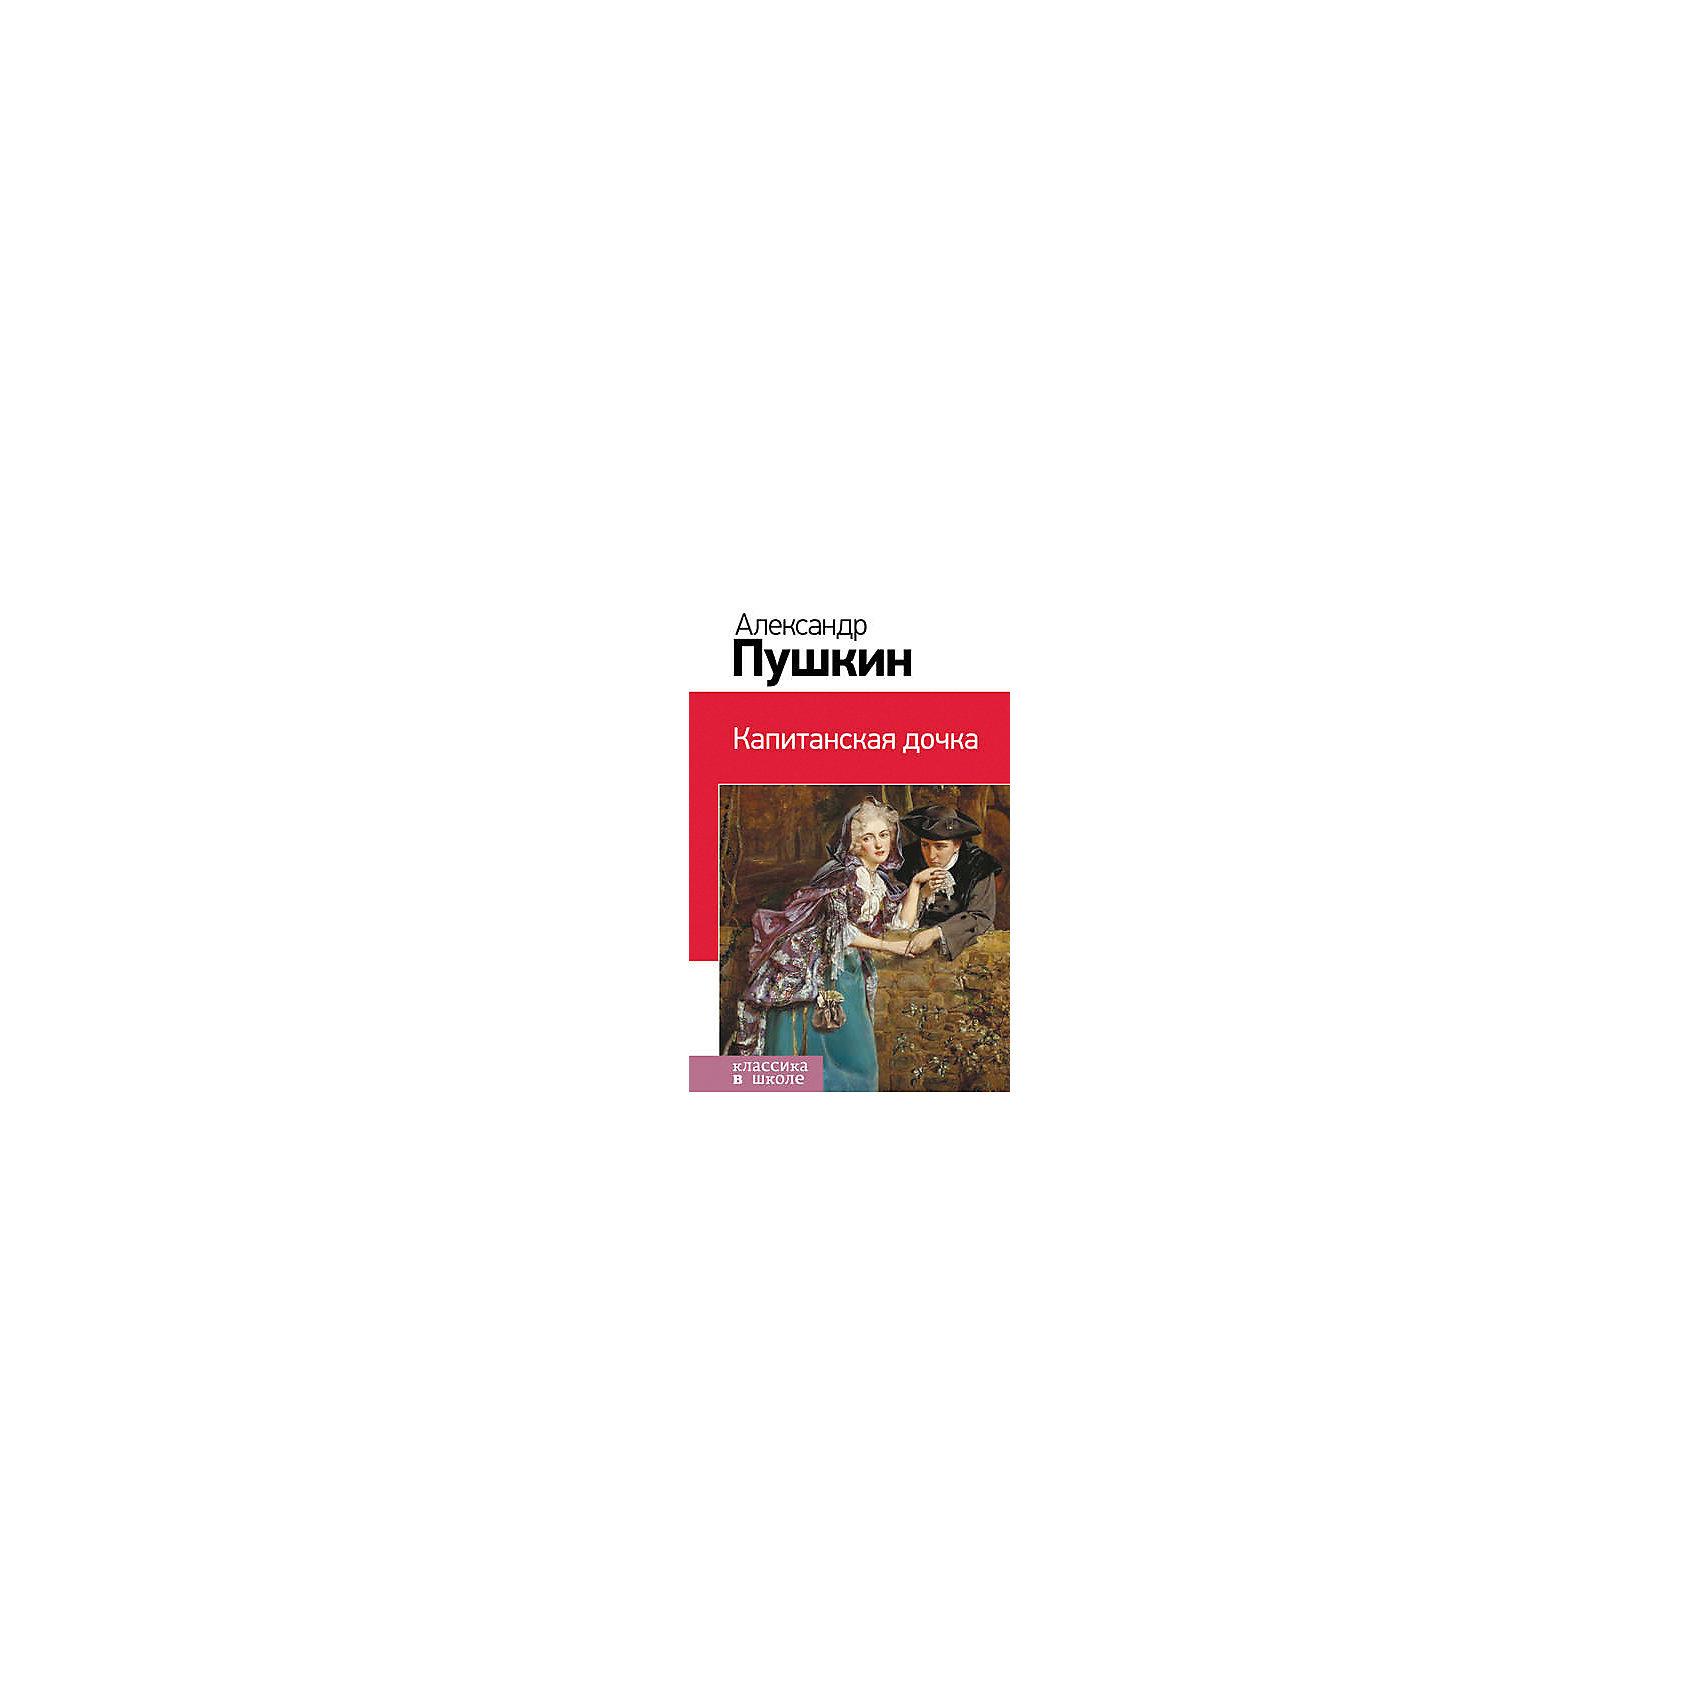 Капитанская дочка, А.С. ПушкинПушкин А.С.<br>Характеристики товара: <br><br>• ISBN: 9785699751440<br>• возраст от: 10 лет<br>• формат: 84x108/32<br>• бумага: офсет<br>• обложка: твердая<br>• иллюстрации: нет<br>• серия: Классика в школе. Новое оформление<br>• издательство: Эксмо<br>• автор: Пушкин Александр Сергеевич<br>• количество страниц: 256<br>• размеры: 13x20 см<br><br>Классика детской литературы - это то, что ребенку нужно будет прочитать во время учебы в школе. Это издание включает в себя обязательные для прочтения произведения великого писателя.<br><br>Отличное качество издания, удобный формат - всё это поможет ребенку прочитать известную книгу с удовольствием. Наличие её в домашней библиотеке избавит его от поисков нужных произведений.<br><br>Книгу «Капитанская дочка» можно купить в нашем интернет-магазине.<br><br>Ширина мм: 200<br>Глубина мм: 125<br>Высота мм: 20<br>Вес г: 280<br>Возраст от месяцев: 144<br>Возраст до месяцев: 2147483647<br>Пол: Унисекс<br>Возраст: Детский<br>SKU: 5535466